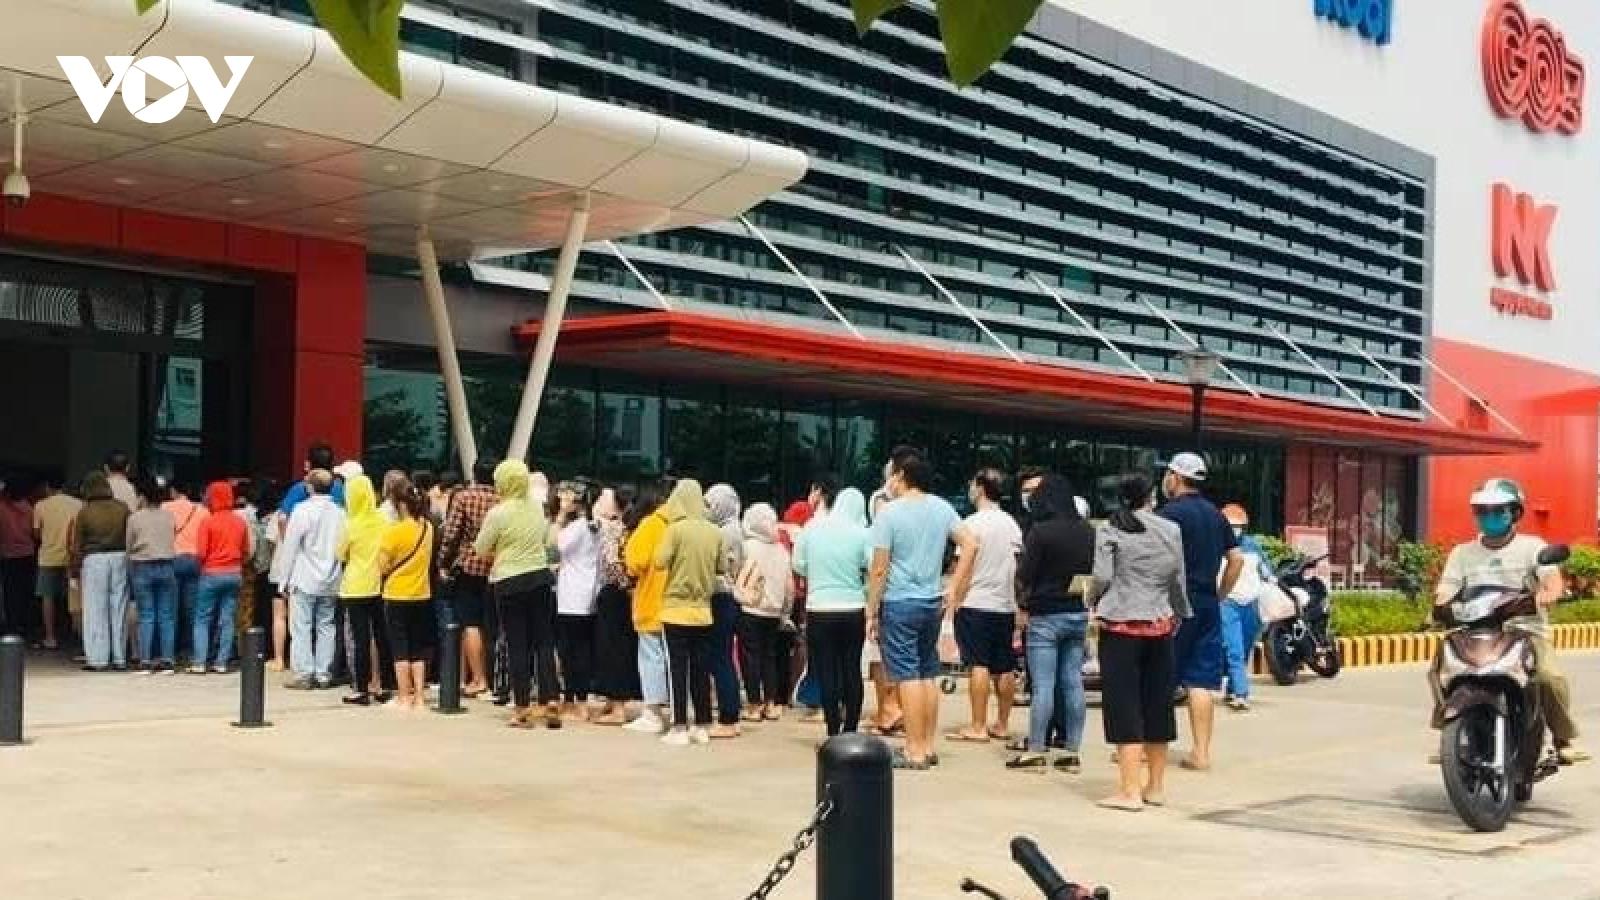 Khánh Hòa: Tạm ngưng hoạt động chợ truyền thống, dân đổ xô đi gom hàng